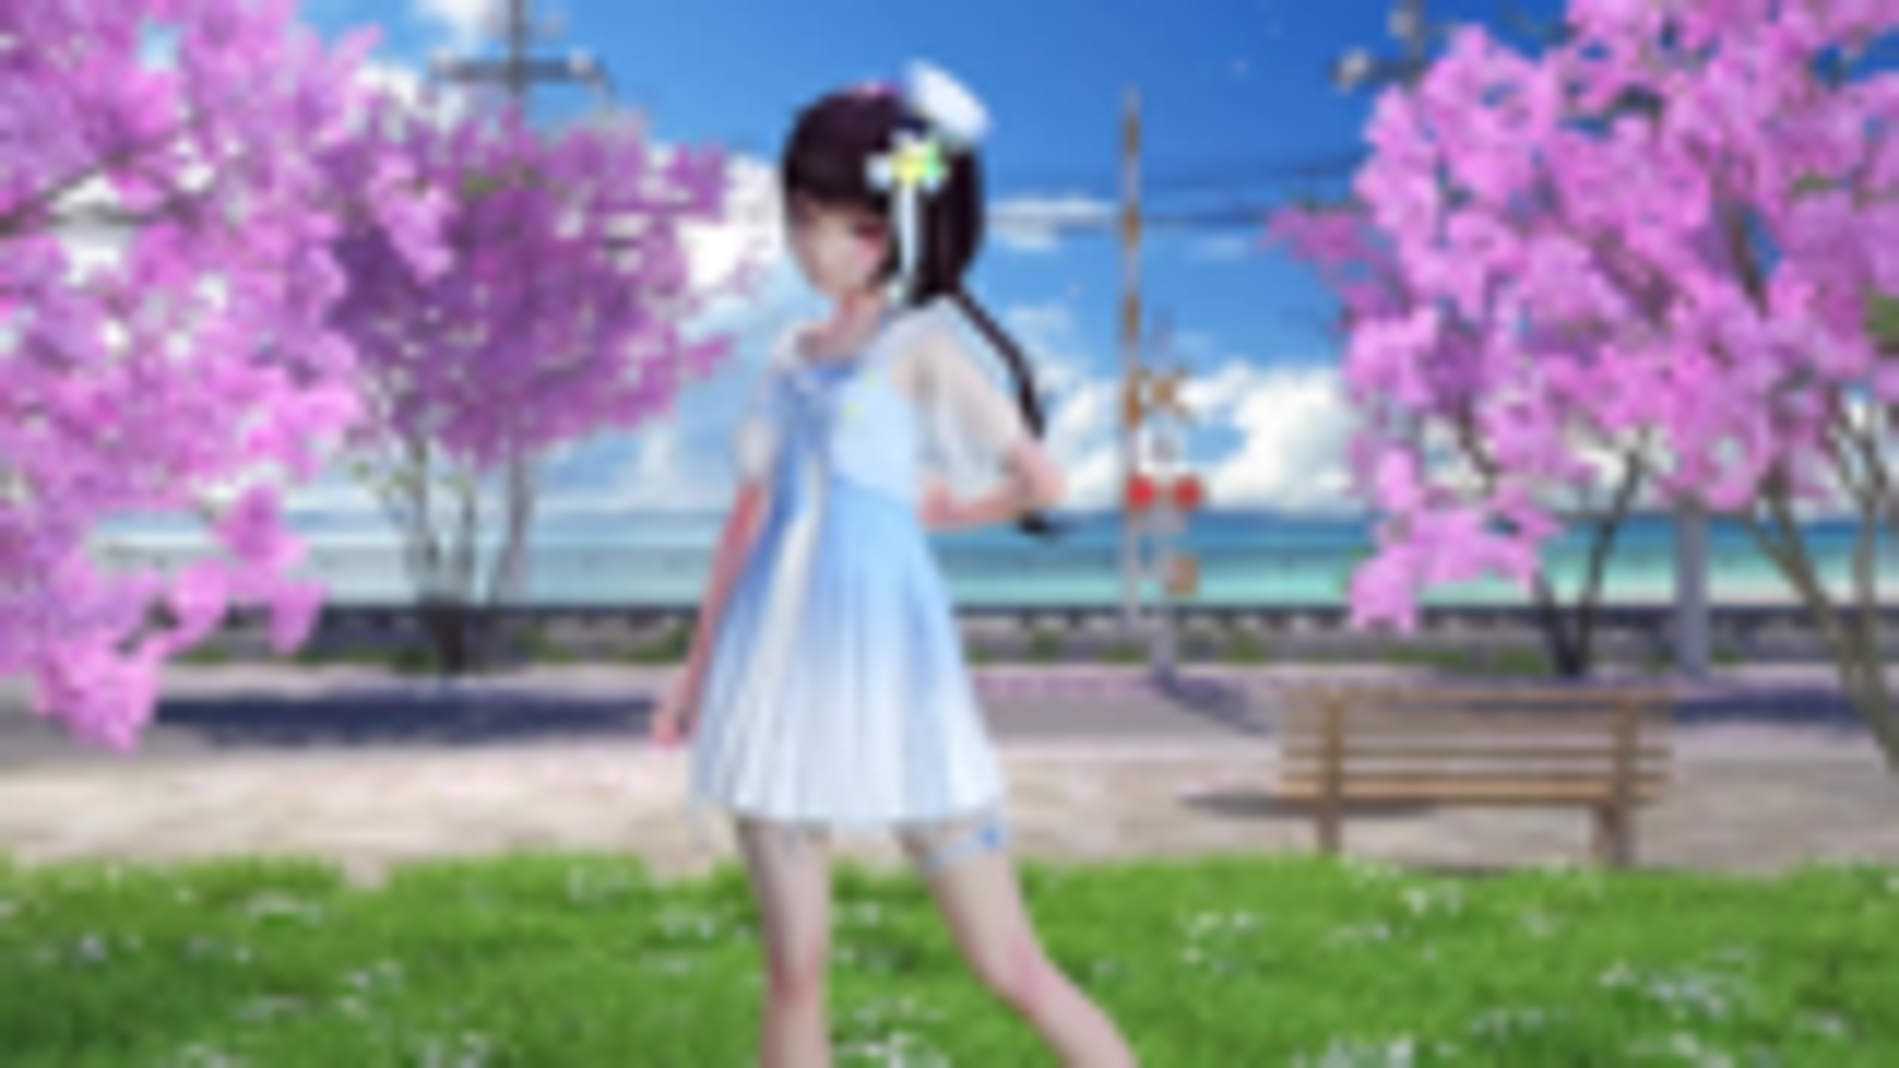 【MMD】春暖花开 彩虹节拍